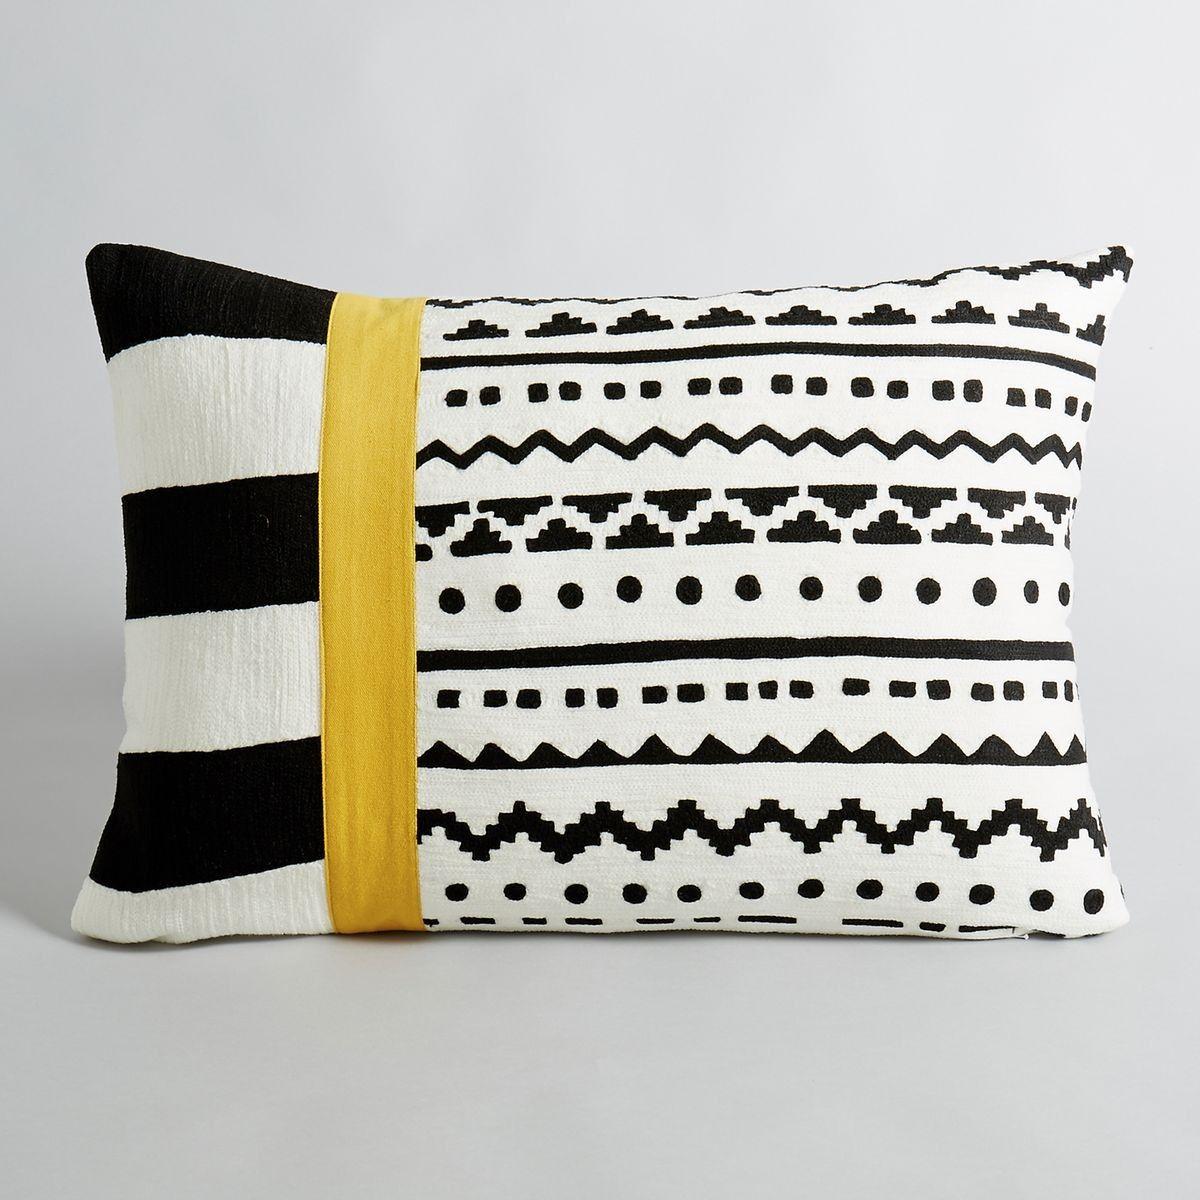 Federe Cuscini 40 X 60.Un Superbe Motif Graphique Coloris Noir Et Blanc Avec Une Bande